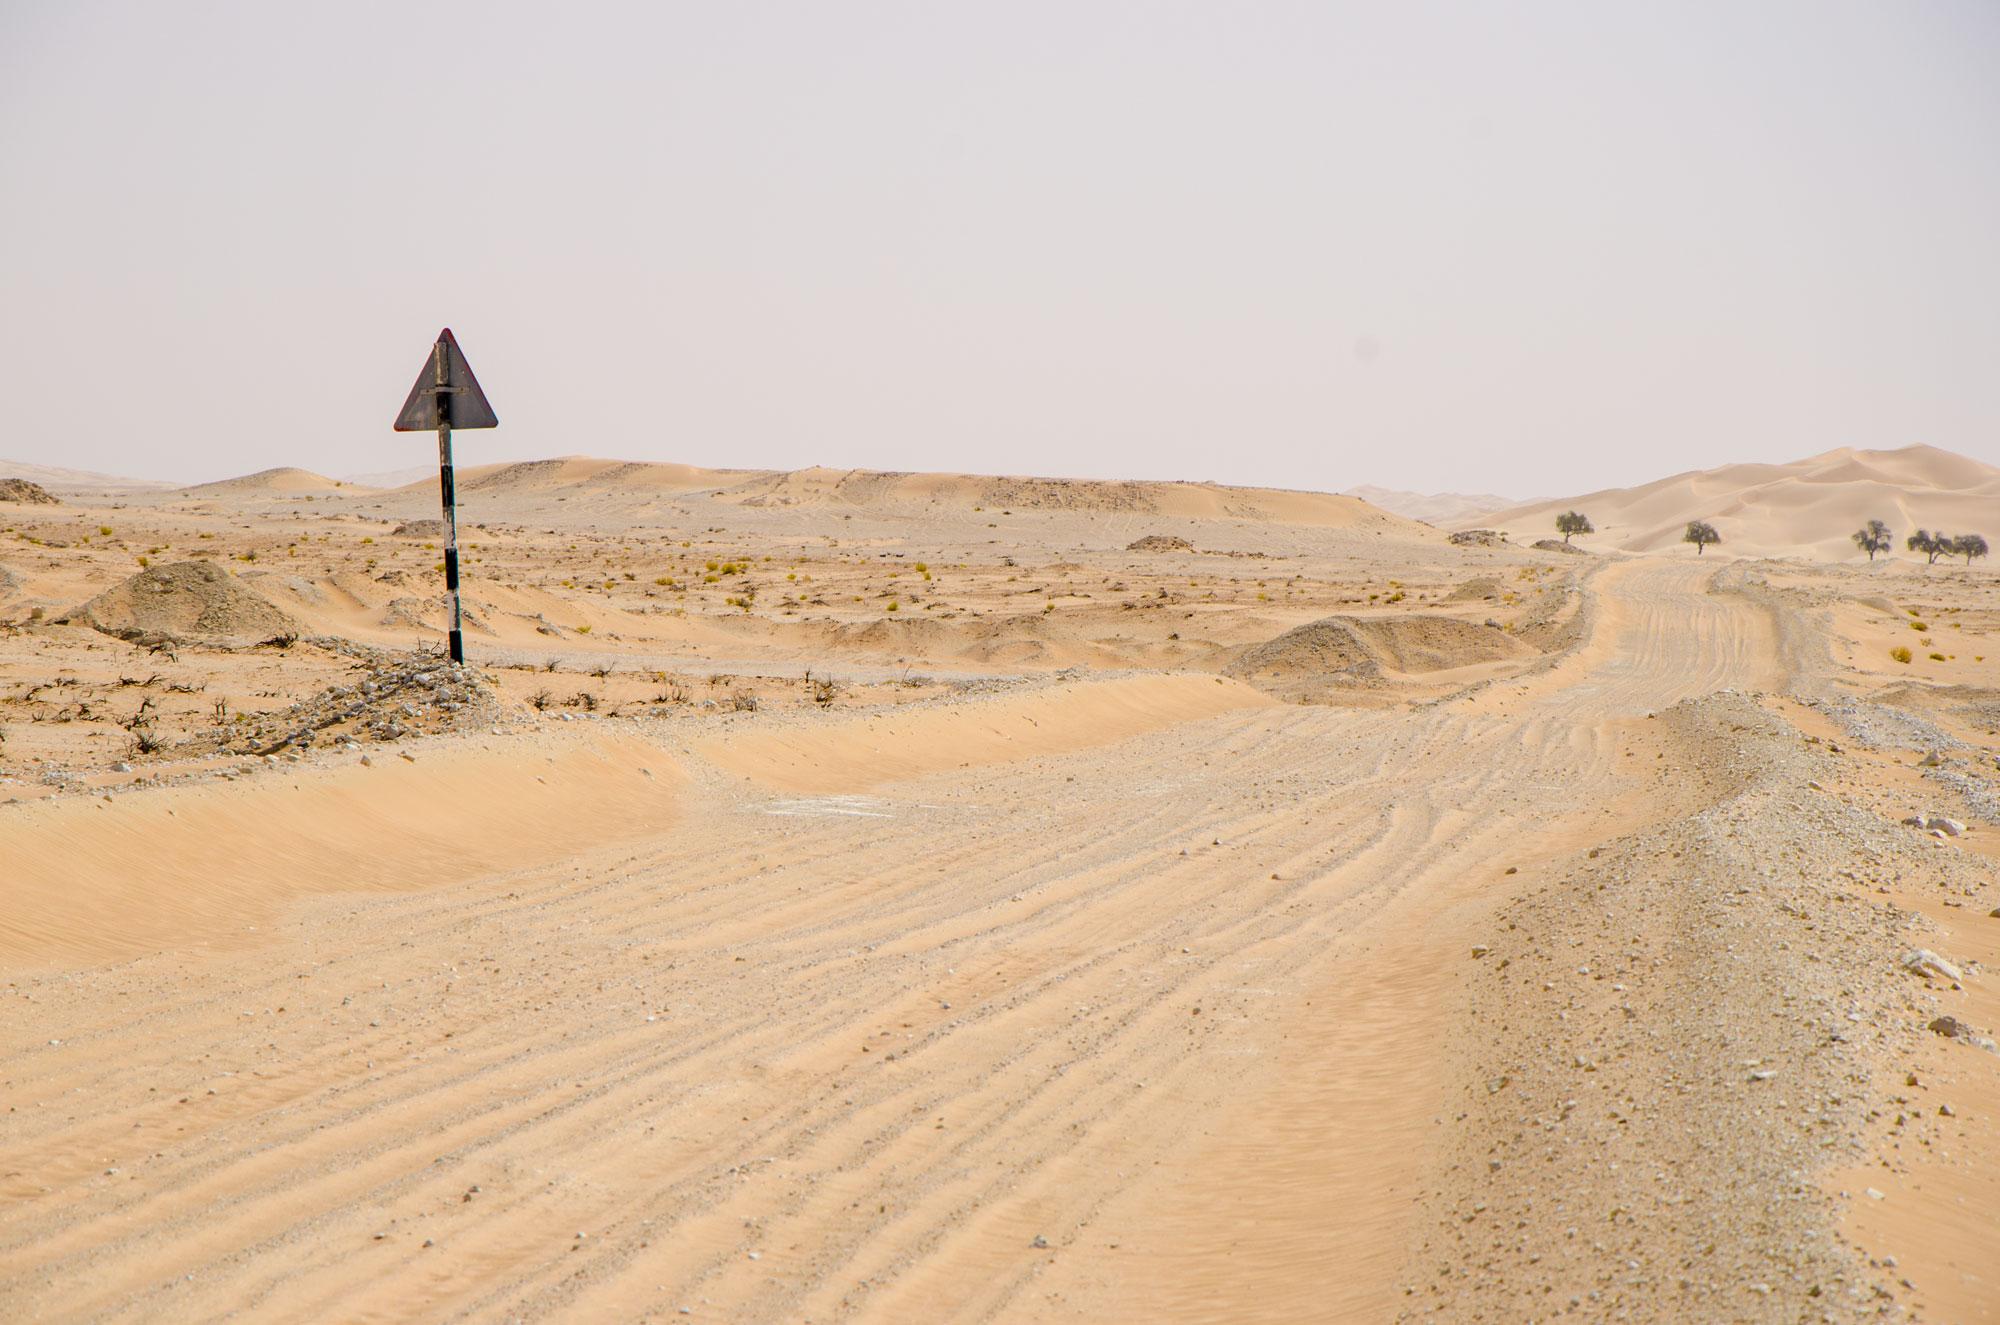 Eine Sandpiste, ein klares Zeichen, dass wir uns wieder der Zivilisation nähern. Foto: Lothar Ruttner